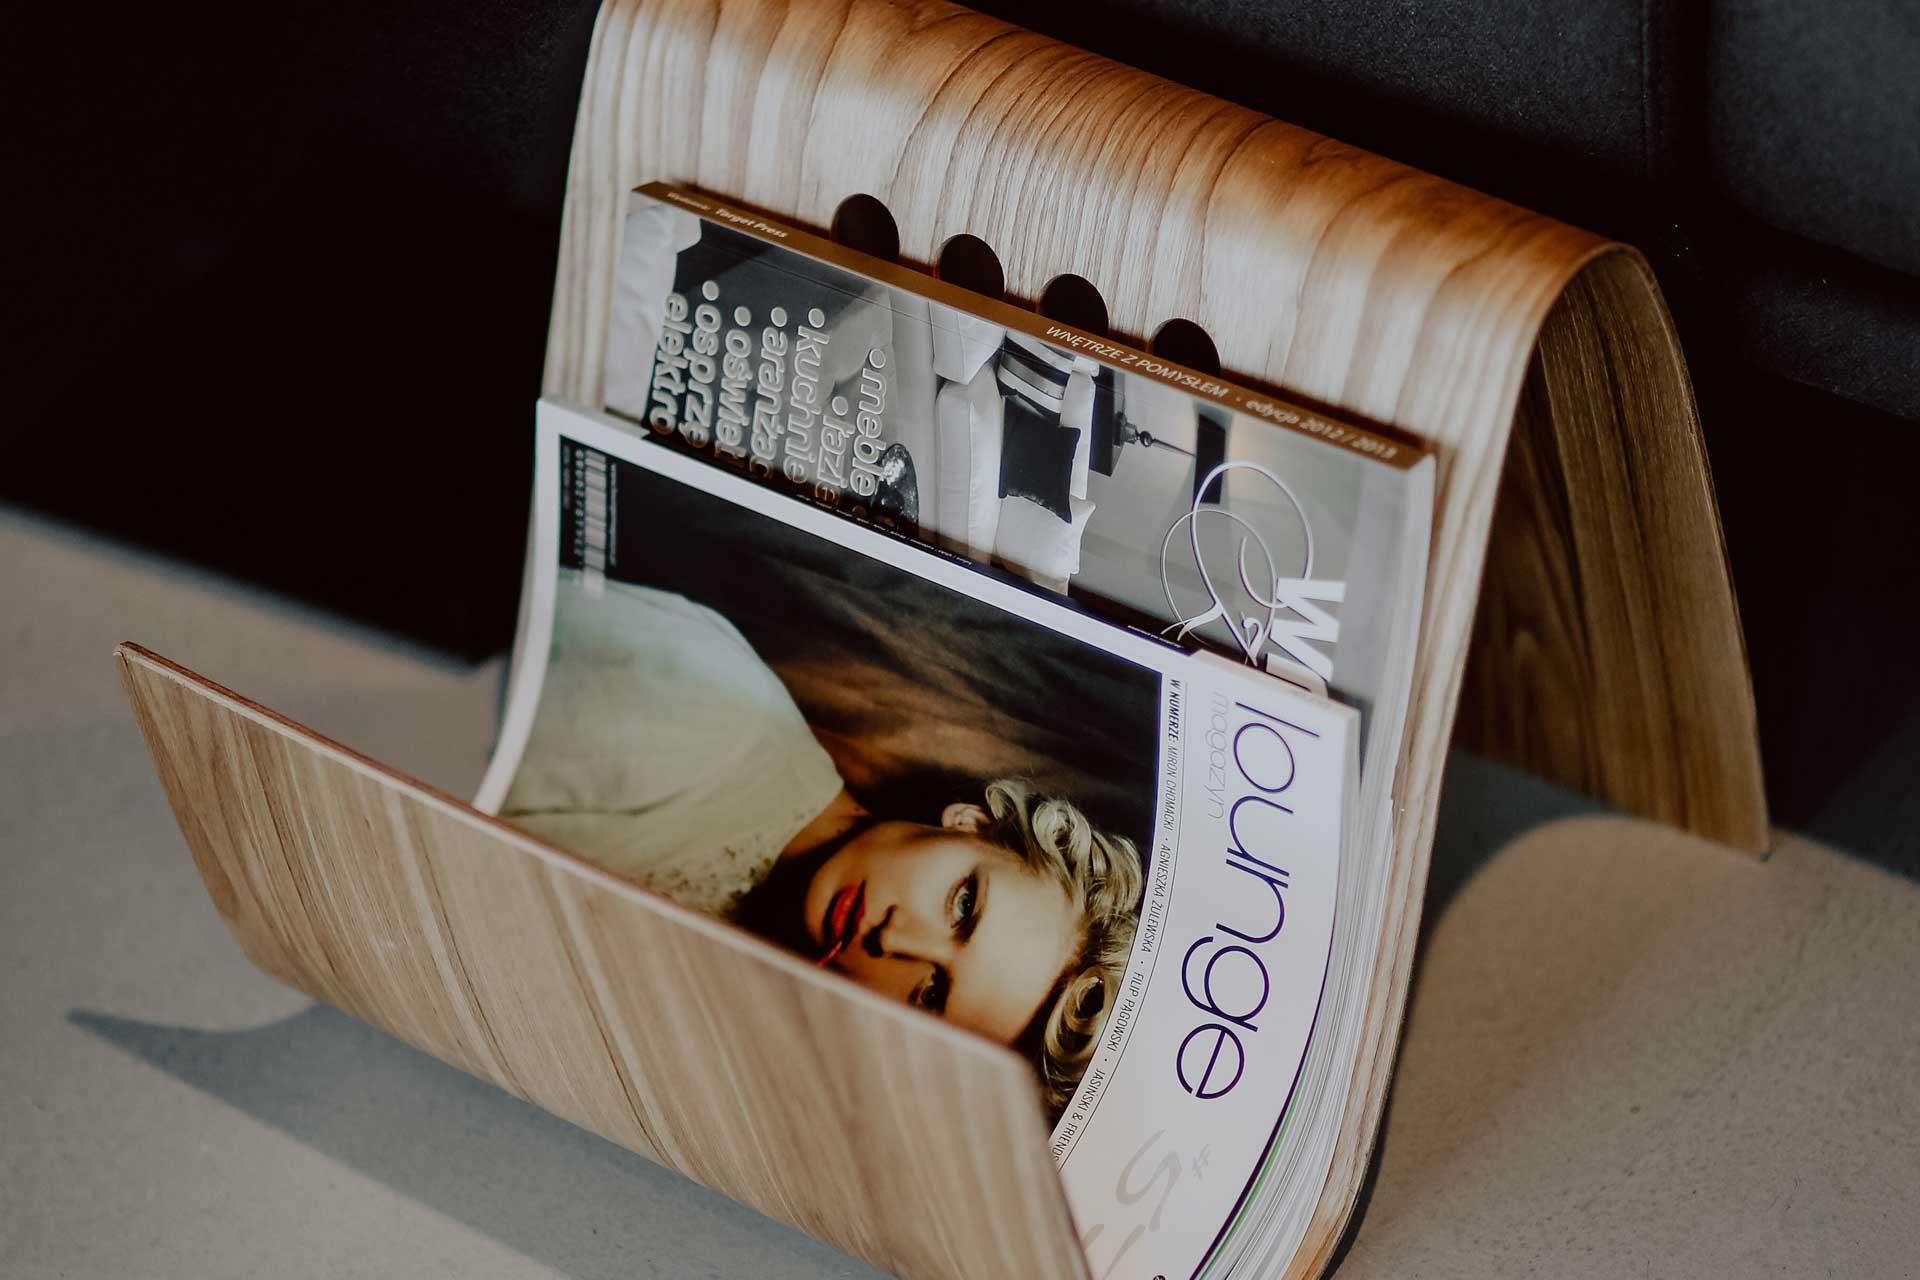 マガジンラックに飾られた海外雑誌